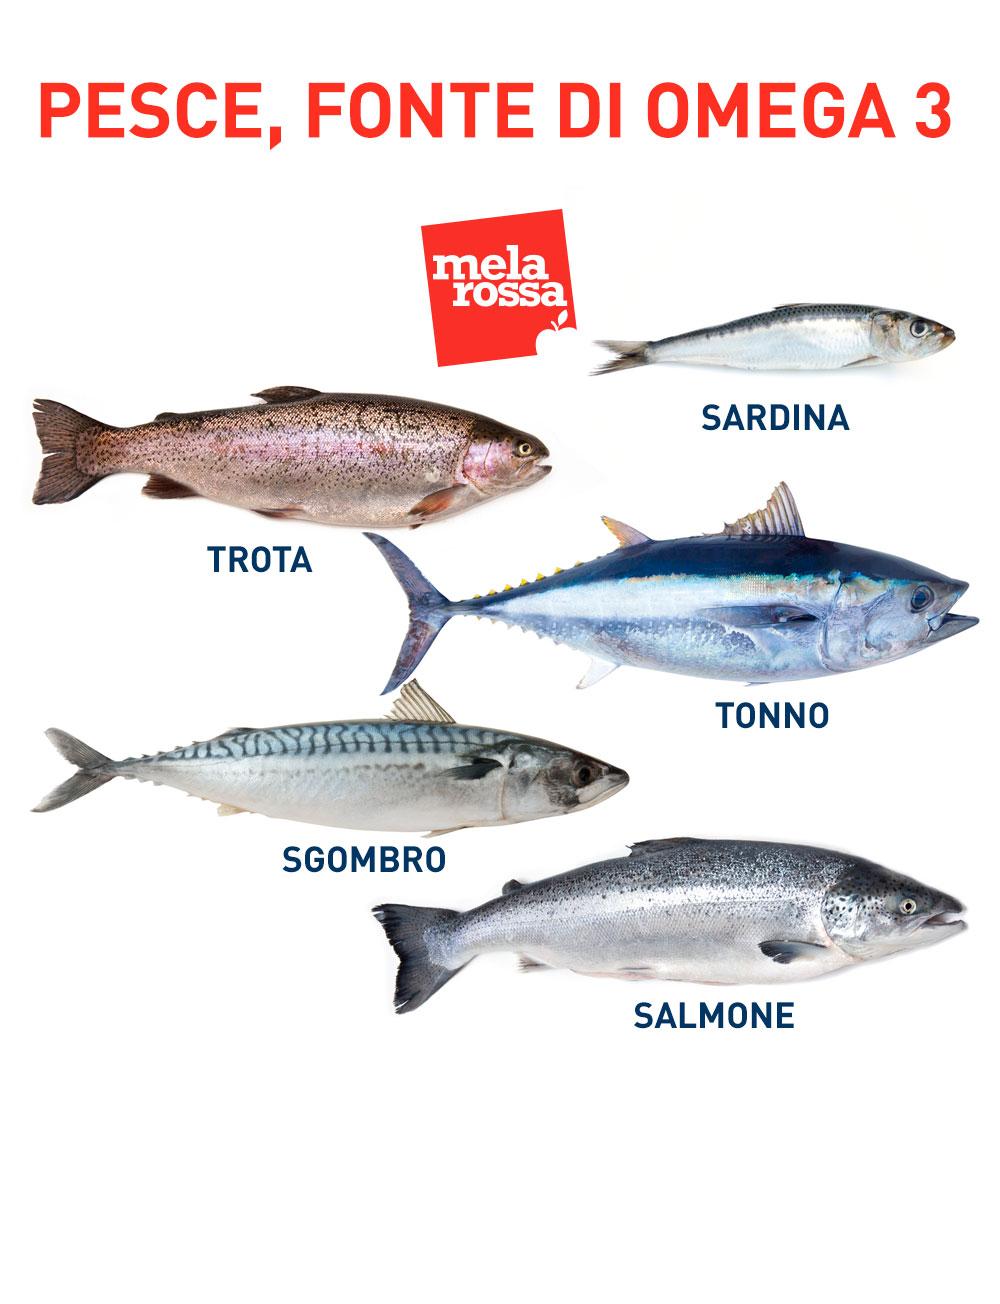 Consuma ogni settimana del pesce, fonte di omega 3